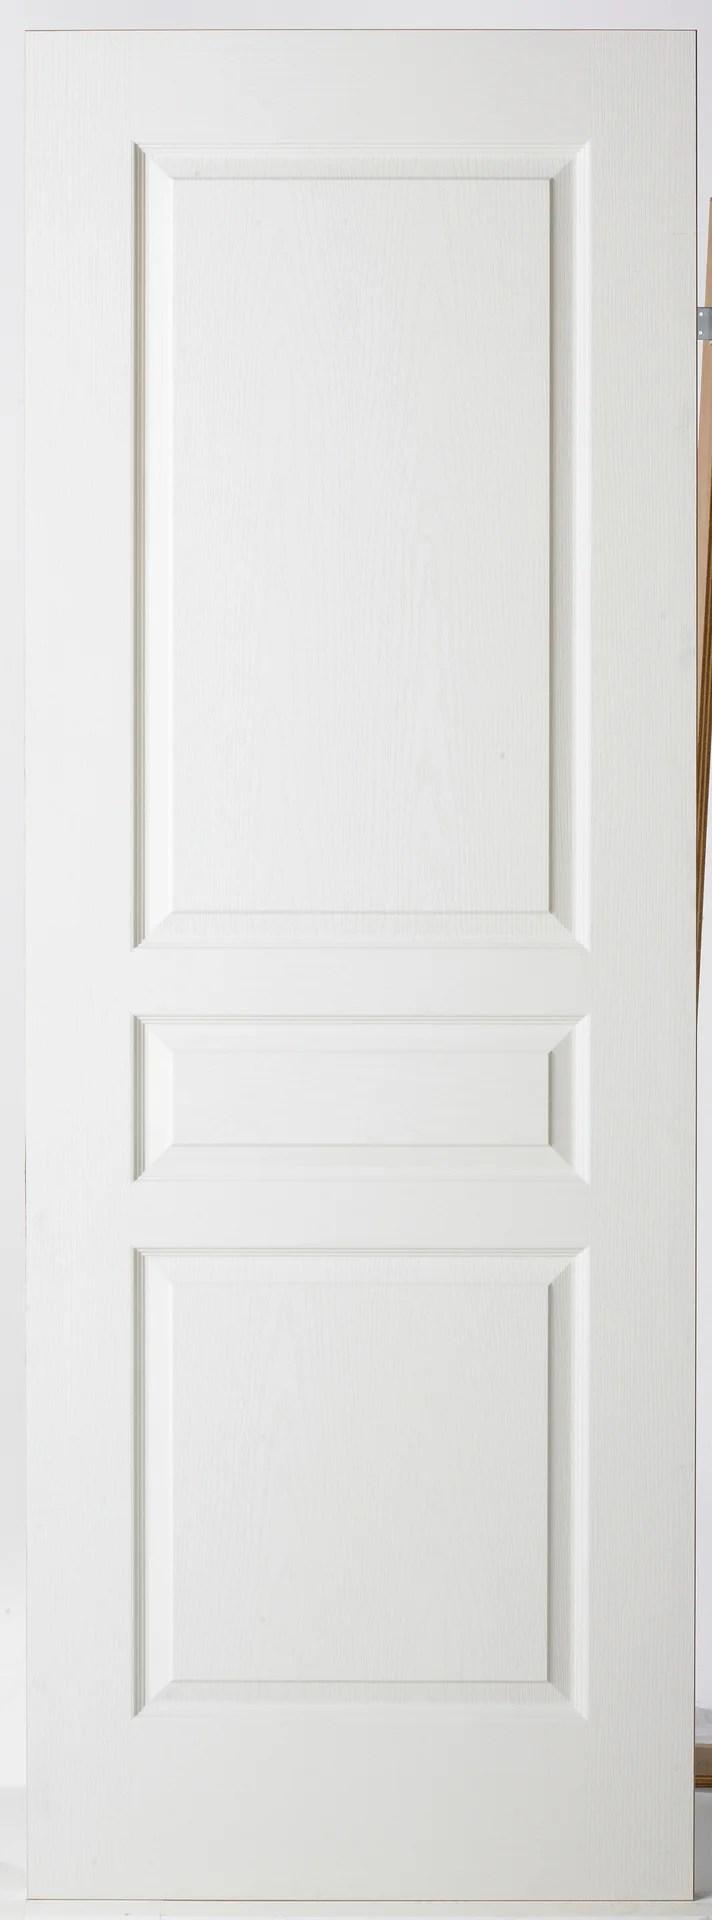 porte coulissante bois h 204 x l 93 cm